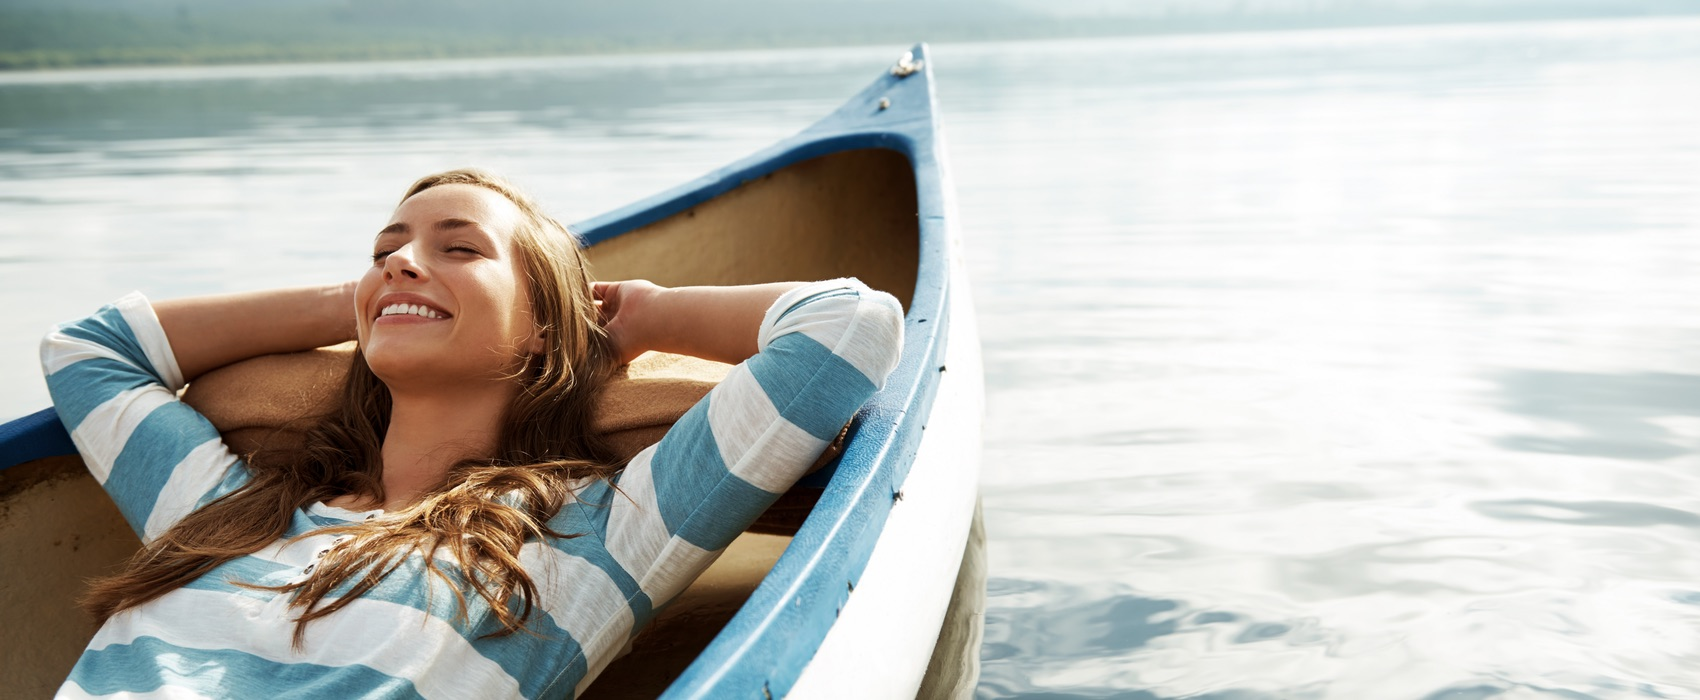 Frau relaxt in einem Boot auf dem Wasser.